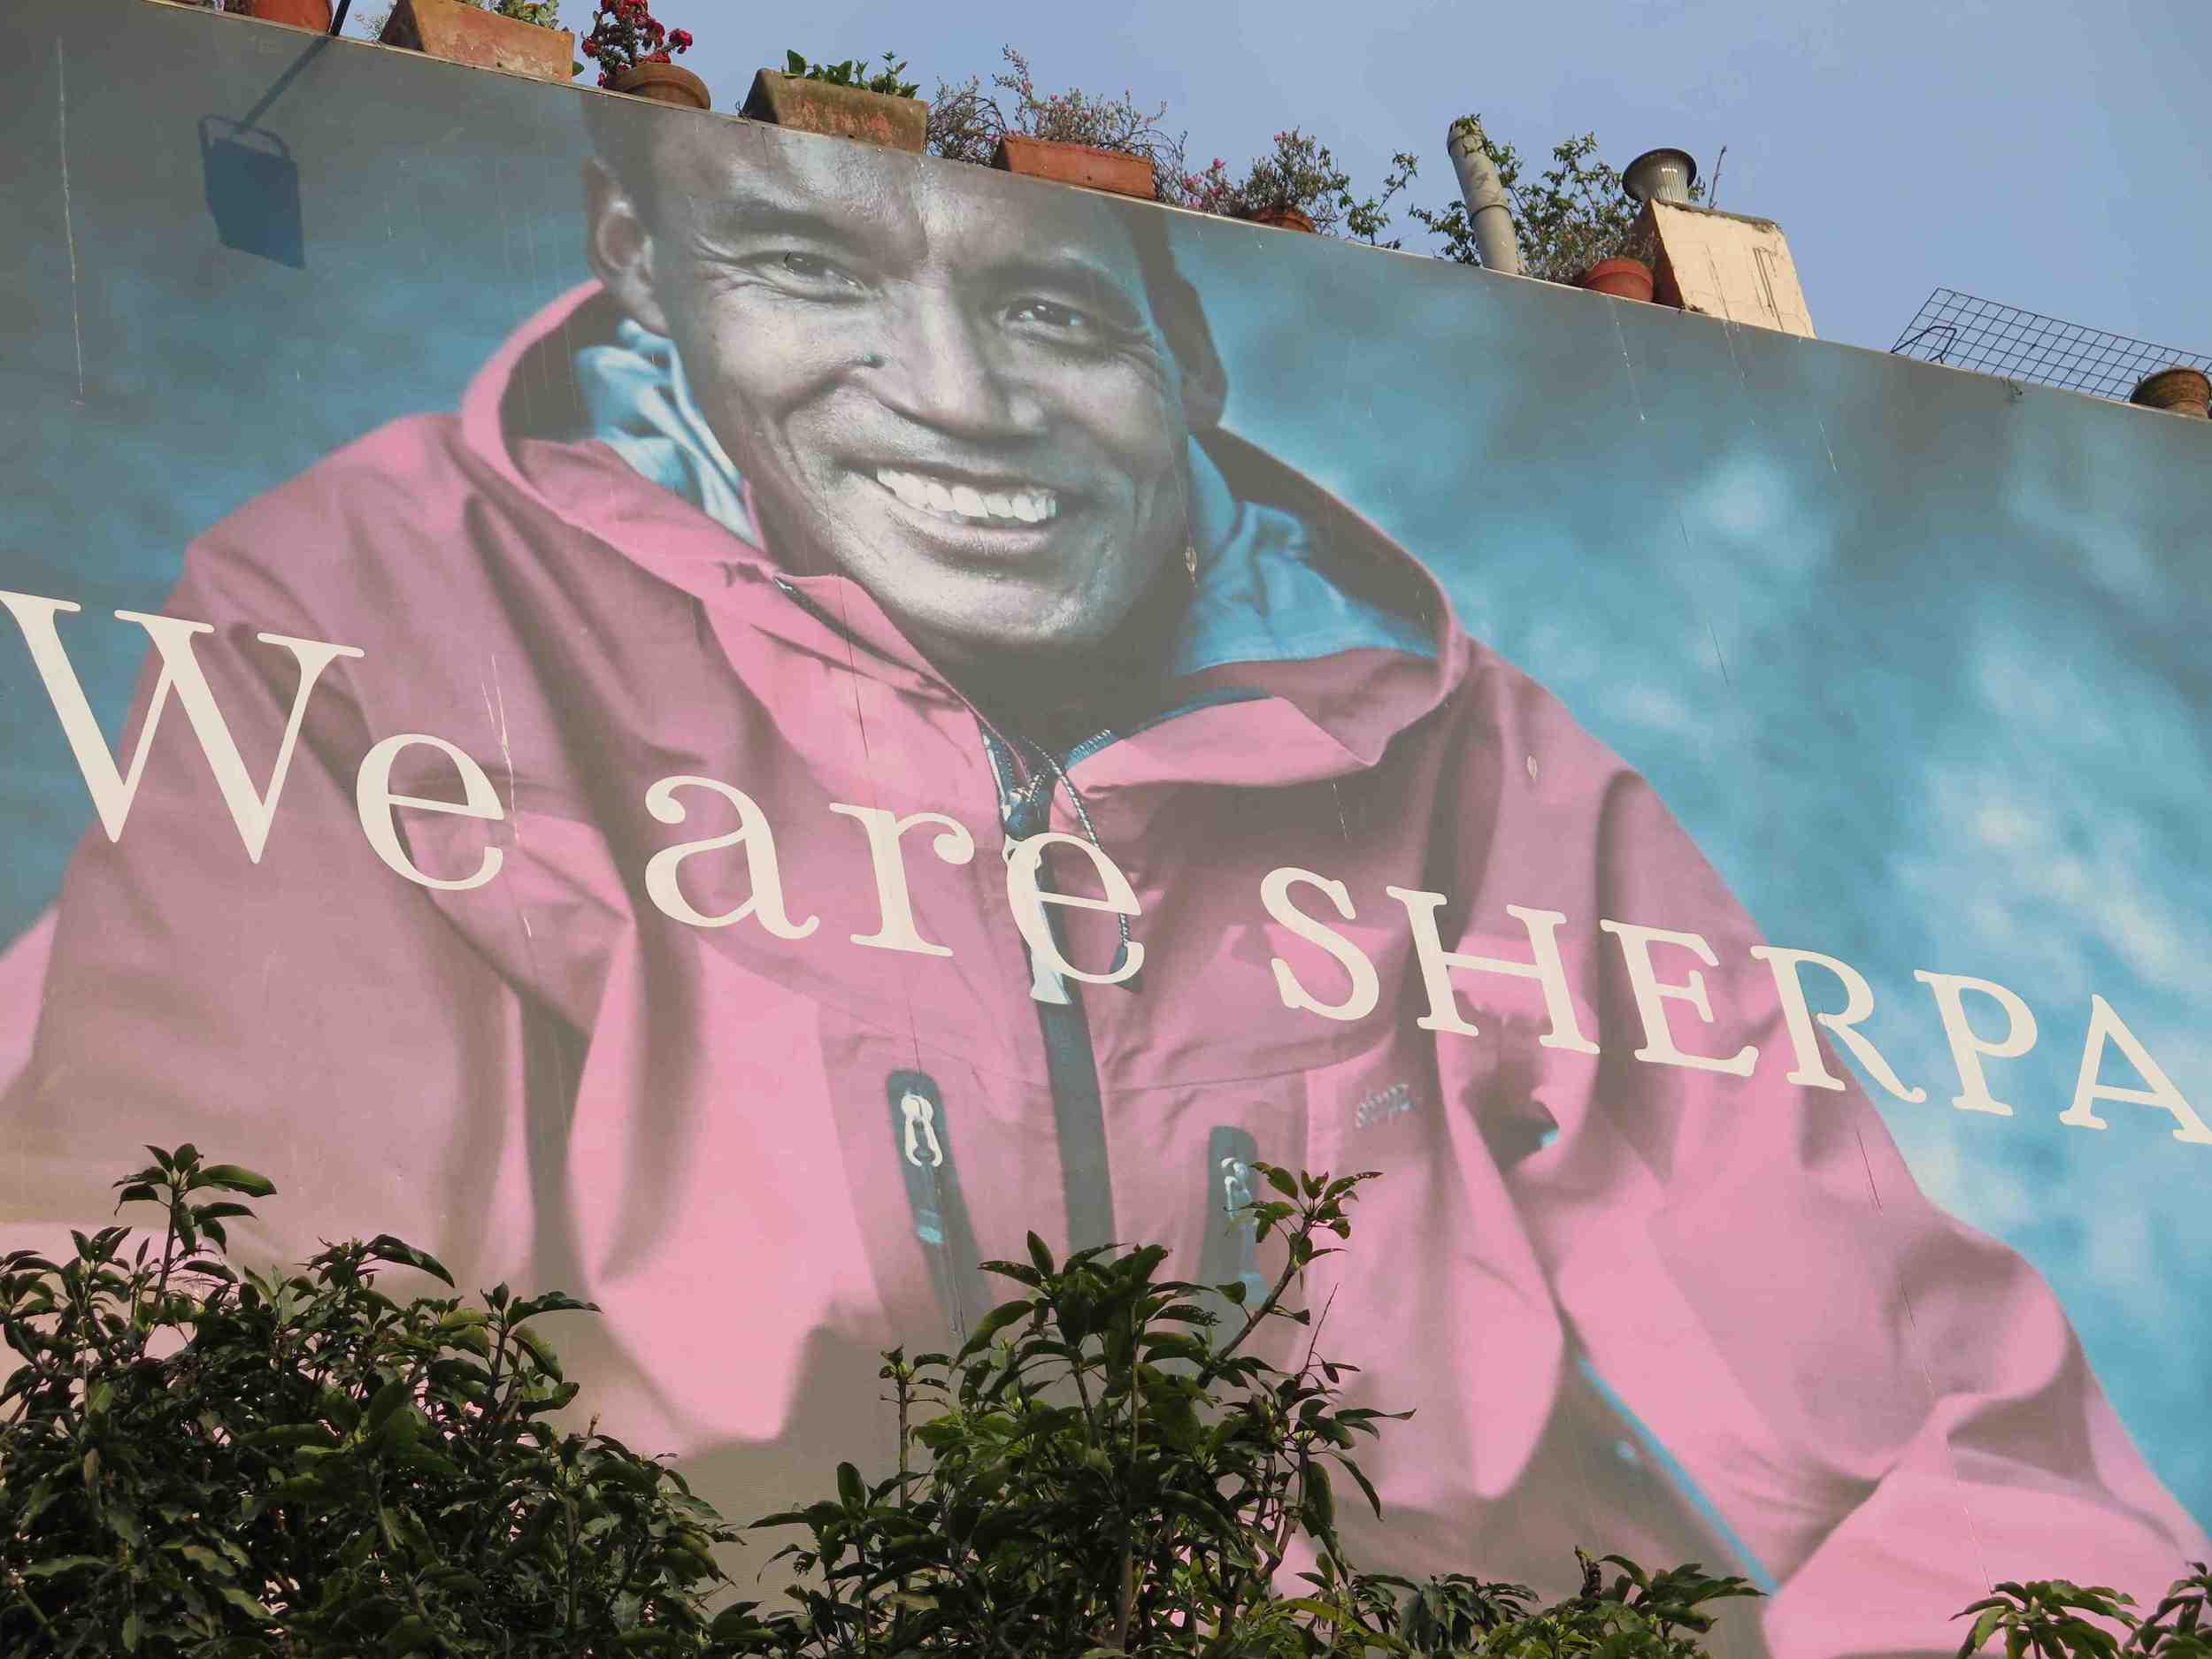 Katmandu'da bir binanin duvari / On the side of a building in Kathmandu